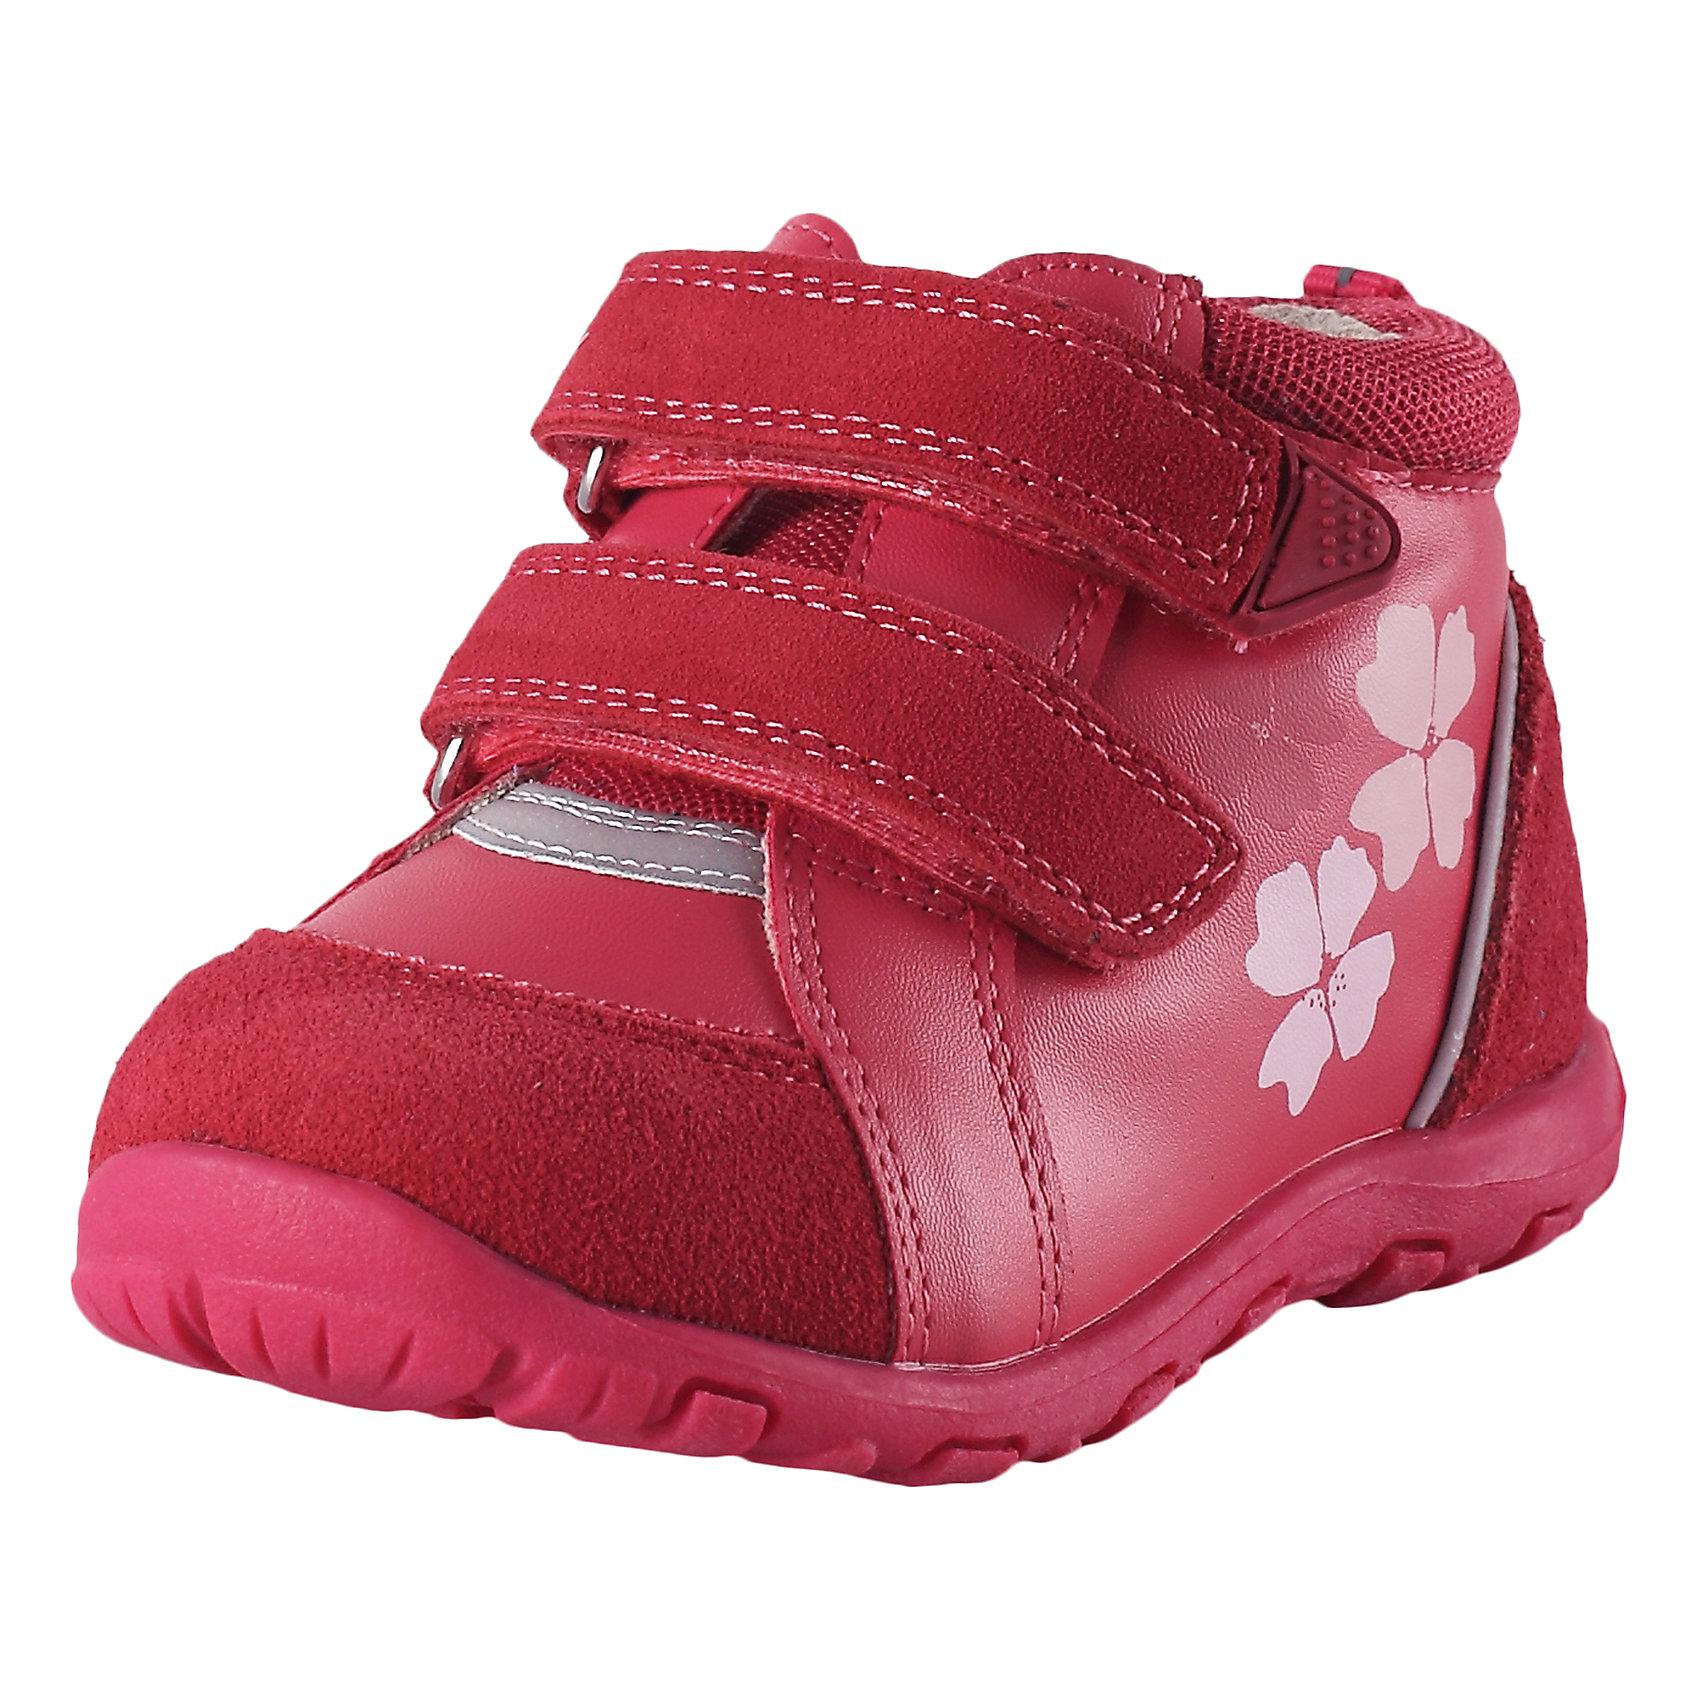 Полуботинки Lotte для девочки ReimaОбувь<br>Характеристики товара:<br><br>• цвет: розовый<br>• состав: верх - 60% полиуретан, 30% кожа, 10% полиэстер, подошва - 100% термопластичная резина<br>• застежка: липучка<br>• устойчивая подошва<br>• декорированы принтом<br>• усиленная пятка и носок<br>• светоотражающие детали<br>• страна производства: Китай<br>• страна бренда: Финляндия<br>• коллекция: весна-лето 2017<br><br>Детская обувь может быть модной и комфортной одновременно! Удобные стильные полуботинки помогут обеспечить ребенку комфорт и дополнить наряд. Они отлично смотрятся с различной одеждой. Полуботинки удобно сидят на ноге и аккуратно смотрятся. Легко чистятся и долго служат. Продуманная конструкция разрабатывалась специально для детей.<br><br>Одежда и обувь от финского бренда Reima пользуется популярностью во многих странах. Эти изделия стильные, качественные и удобные. Для производства продукции используются только безопасные, проверенные материалы и фурнитура. Порадуйте ребенка модными и красивыми вещами от Reima! <br><br>Полуботинки от финского бренда Reima (Рейма) можно купить в нашем интернет-магазине.<br><br>Ширина мм: 262<br>Глубина мм: 176<br>Высота мм: 97<br>Вес г: 427<br>Цвет: розовый<br>Возраст от месяцев: 36<br>Возраст до месяцев: 48<br>Пол: Женский<br>Возраст: Детский<br>Размер: 27,22,20,21,23,24,25,26<br>SKU: 5266756